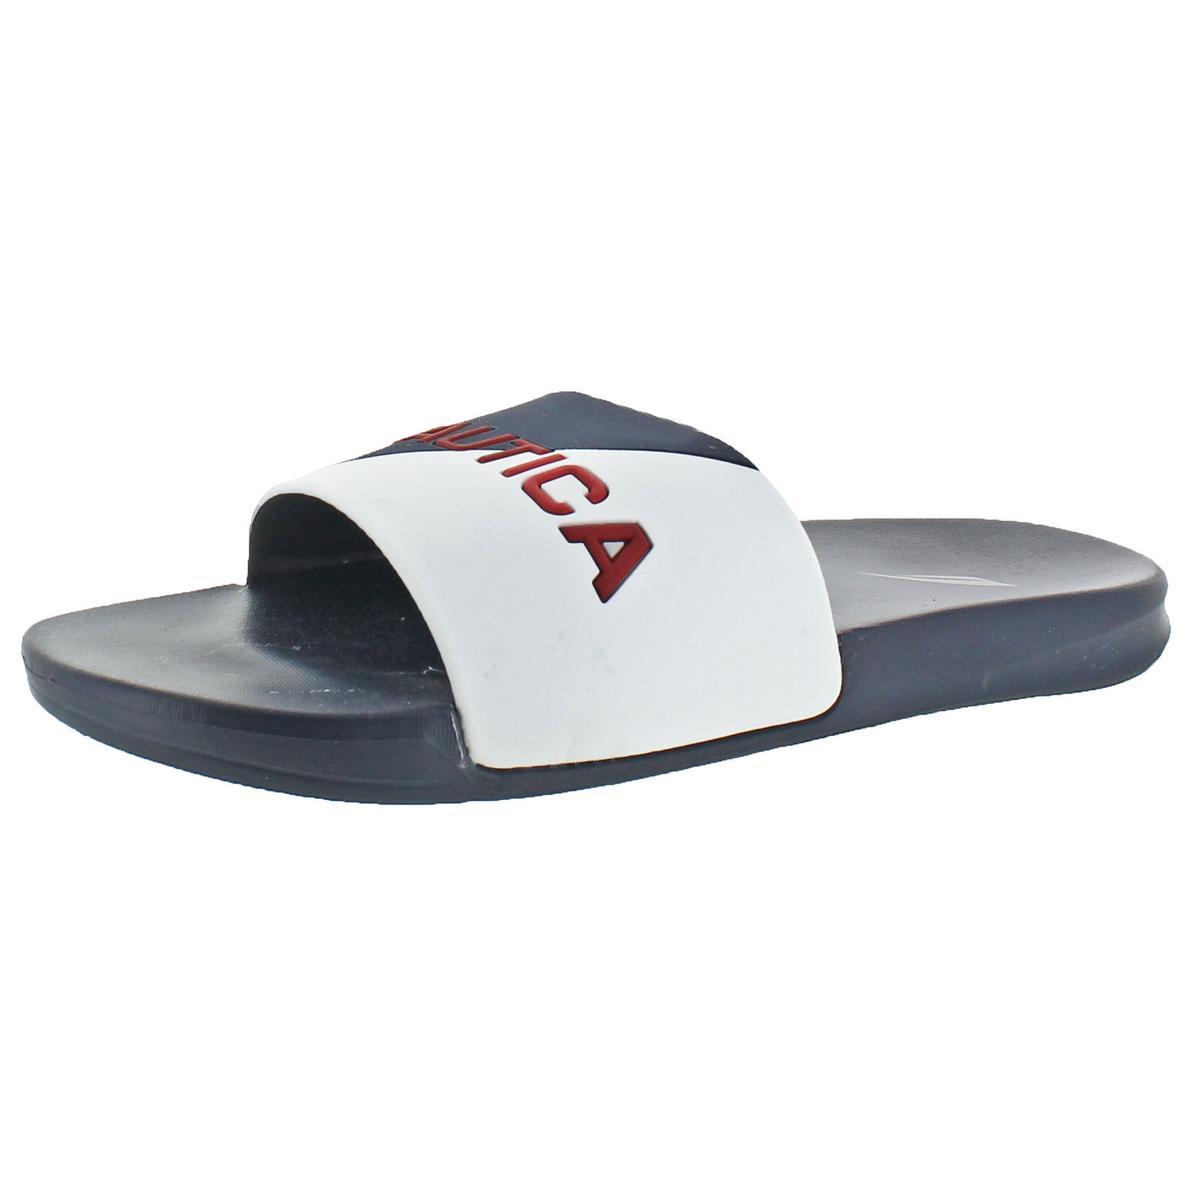 Nautica Mens Stono White Summer Retro Slide Sandals Shoes 7 Medium (D) BHFO 9330